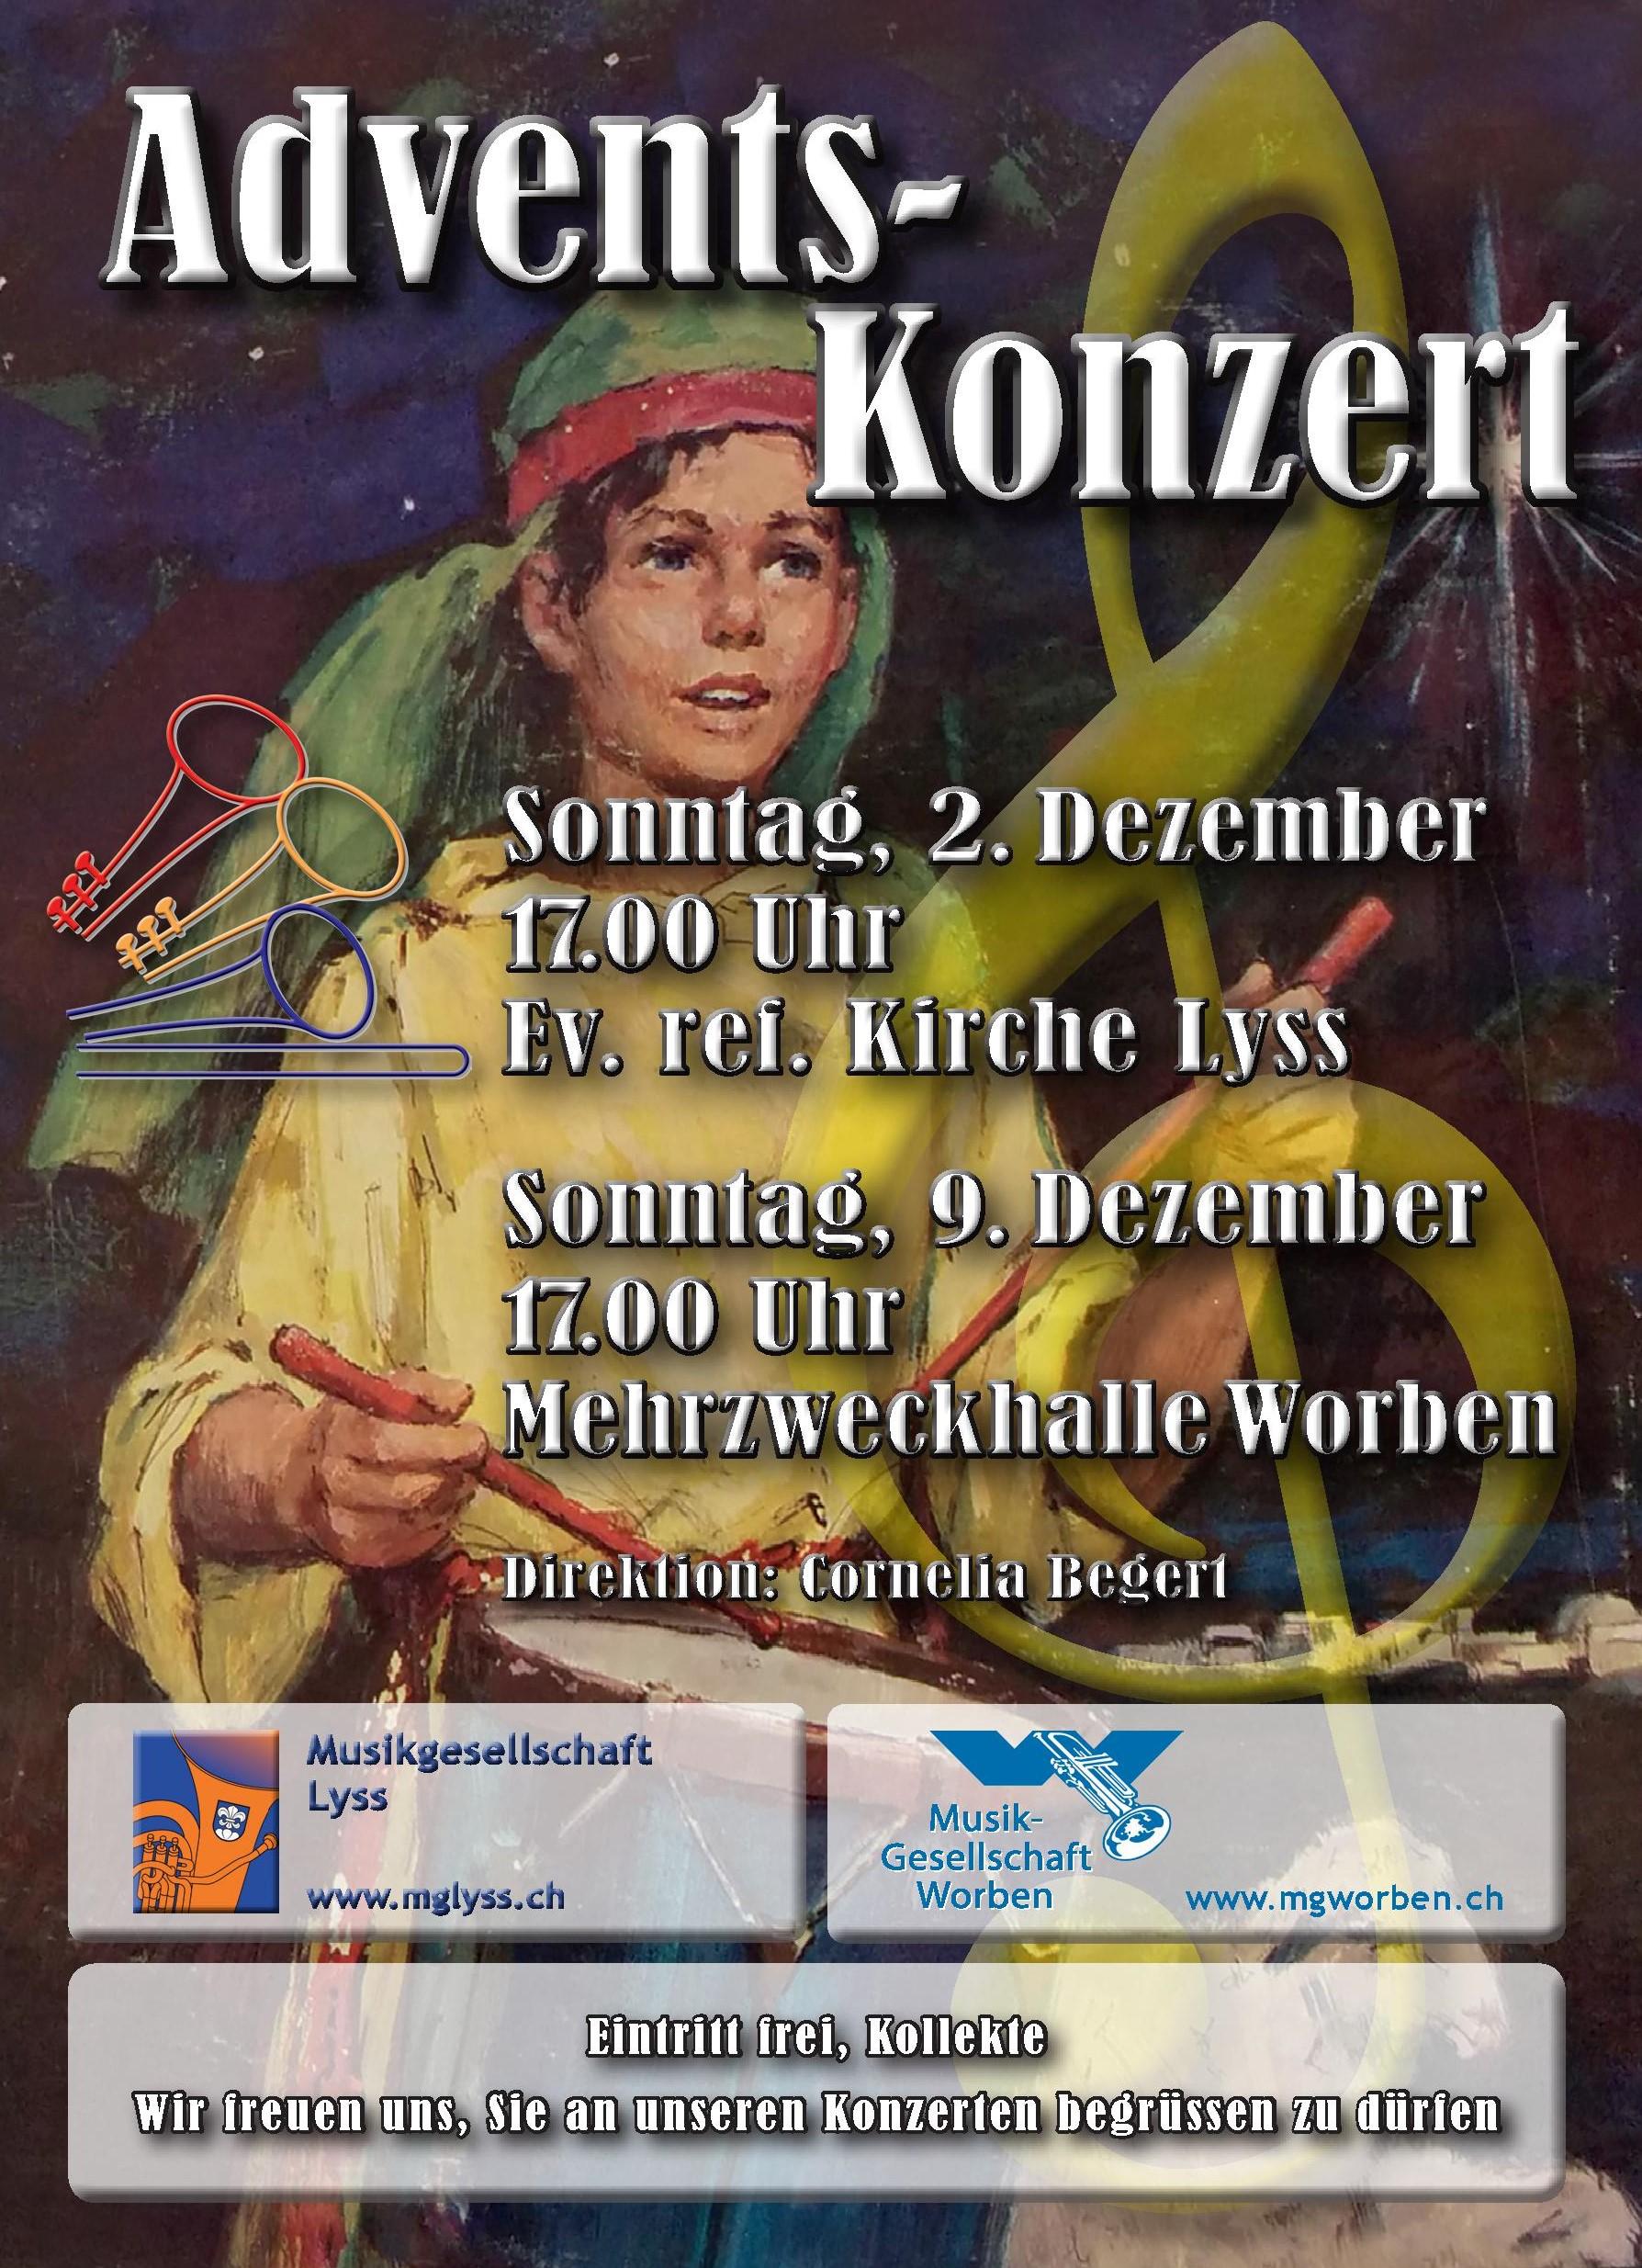 Adventskonzert @ ref. Kirche, Lyss